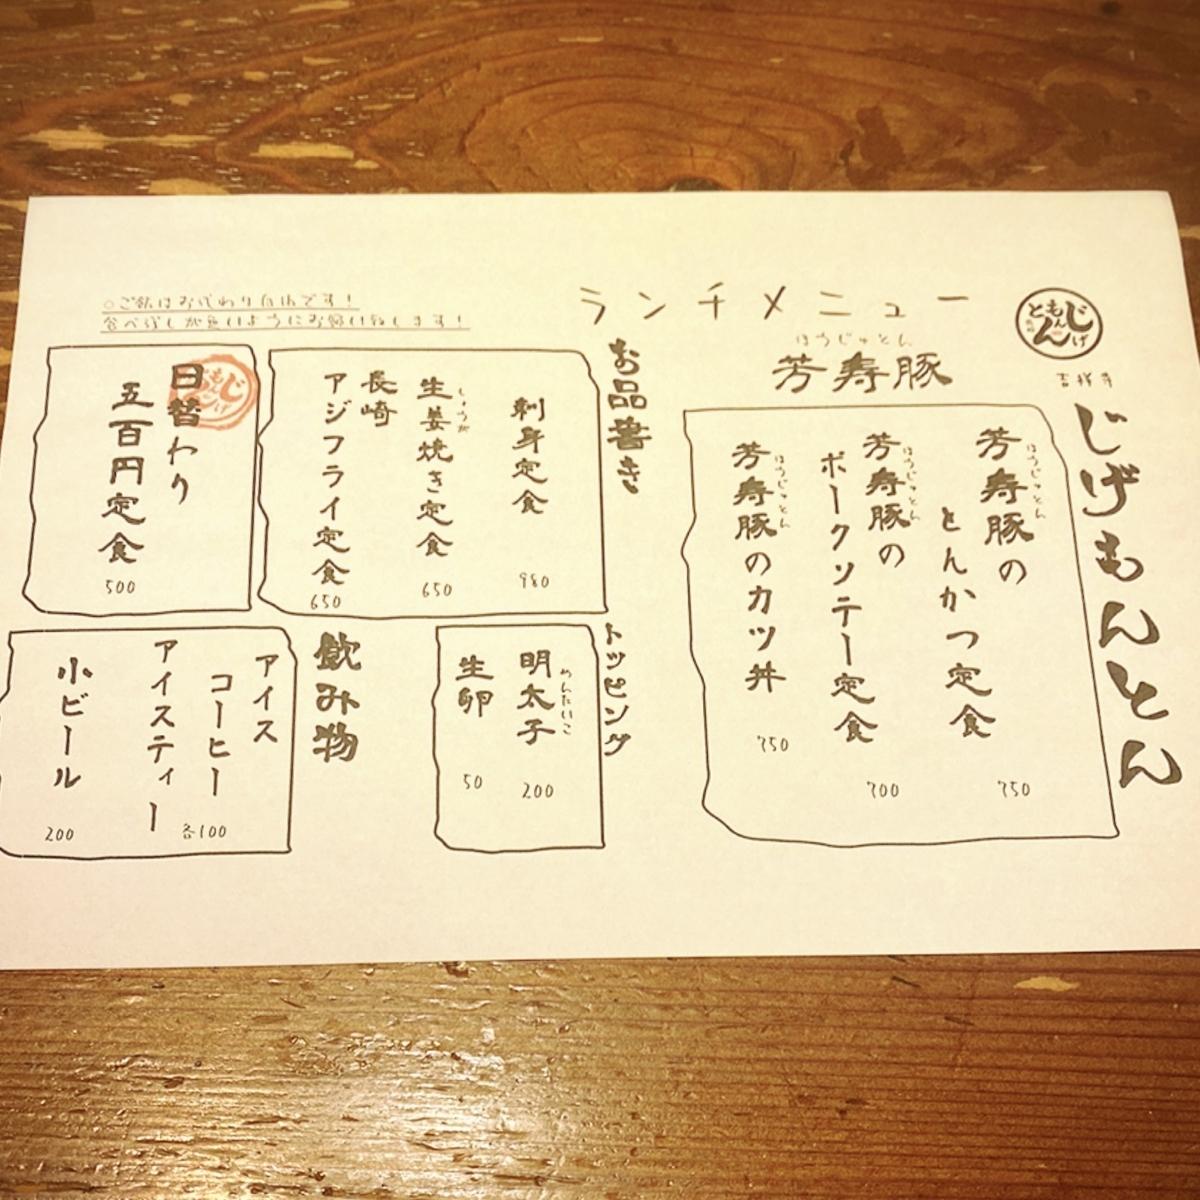 「長崎酒家 吉祥寺じげもんとん」のランチメニューと値段